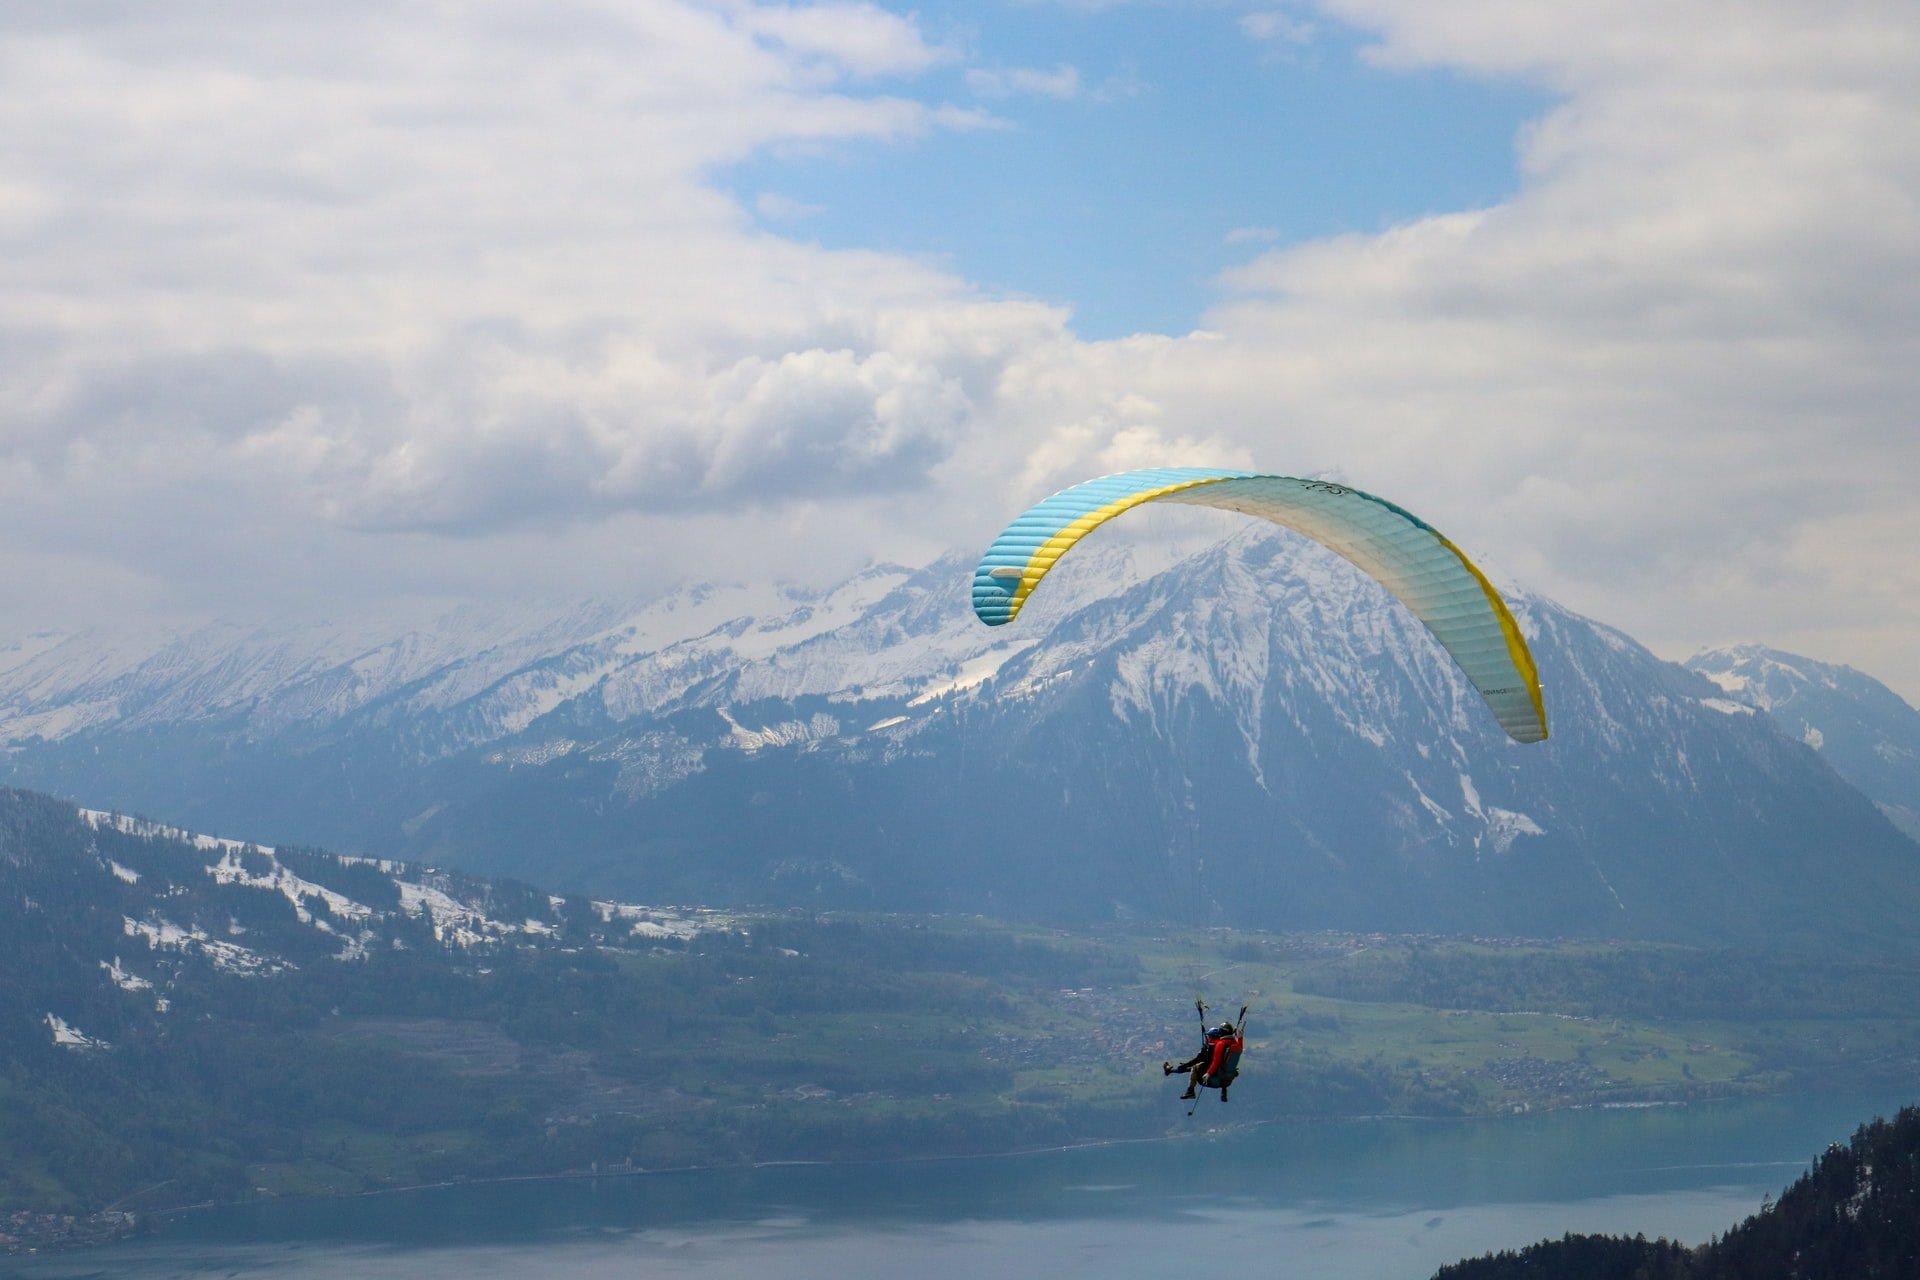 paragliding in mountains of interlaken switzerland